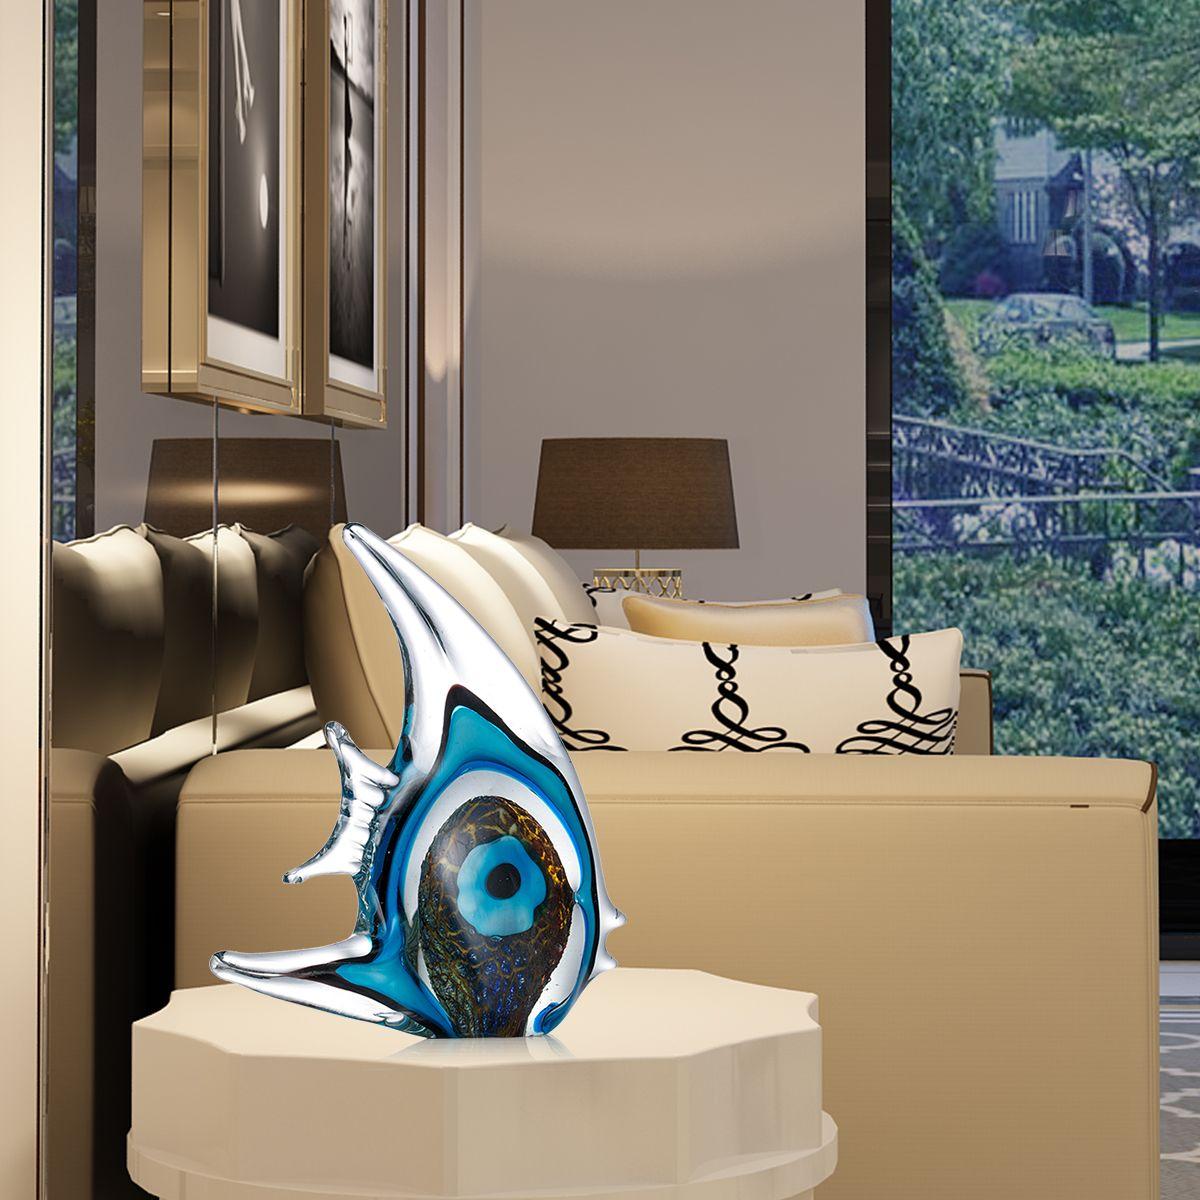 Prachtige Blauwe Streep Tropische Vis Sculptuur mondgeblazen Glas Sculptuur Woondecoratie Glas Vis Interieur Decor Craft-in Beelden & Sculpturen van Huis & Tuin op  Groep 1